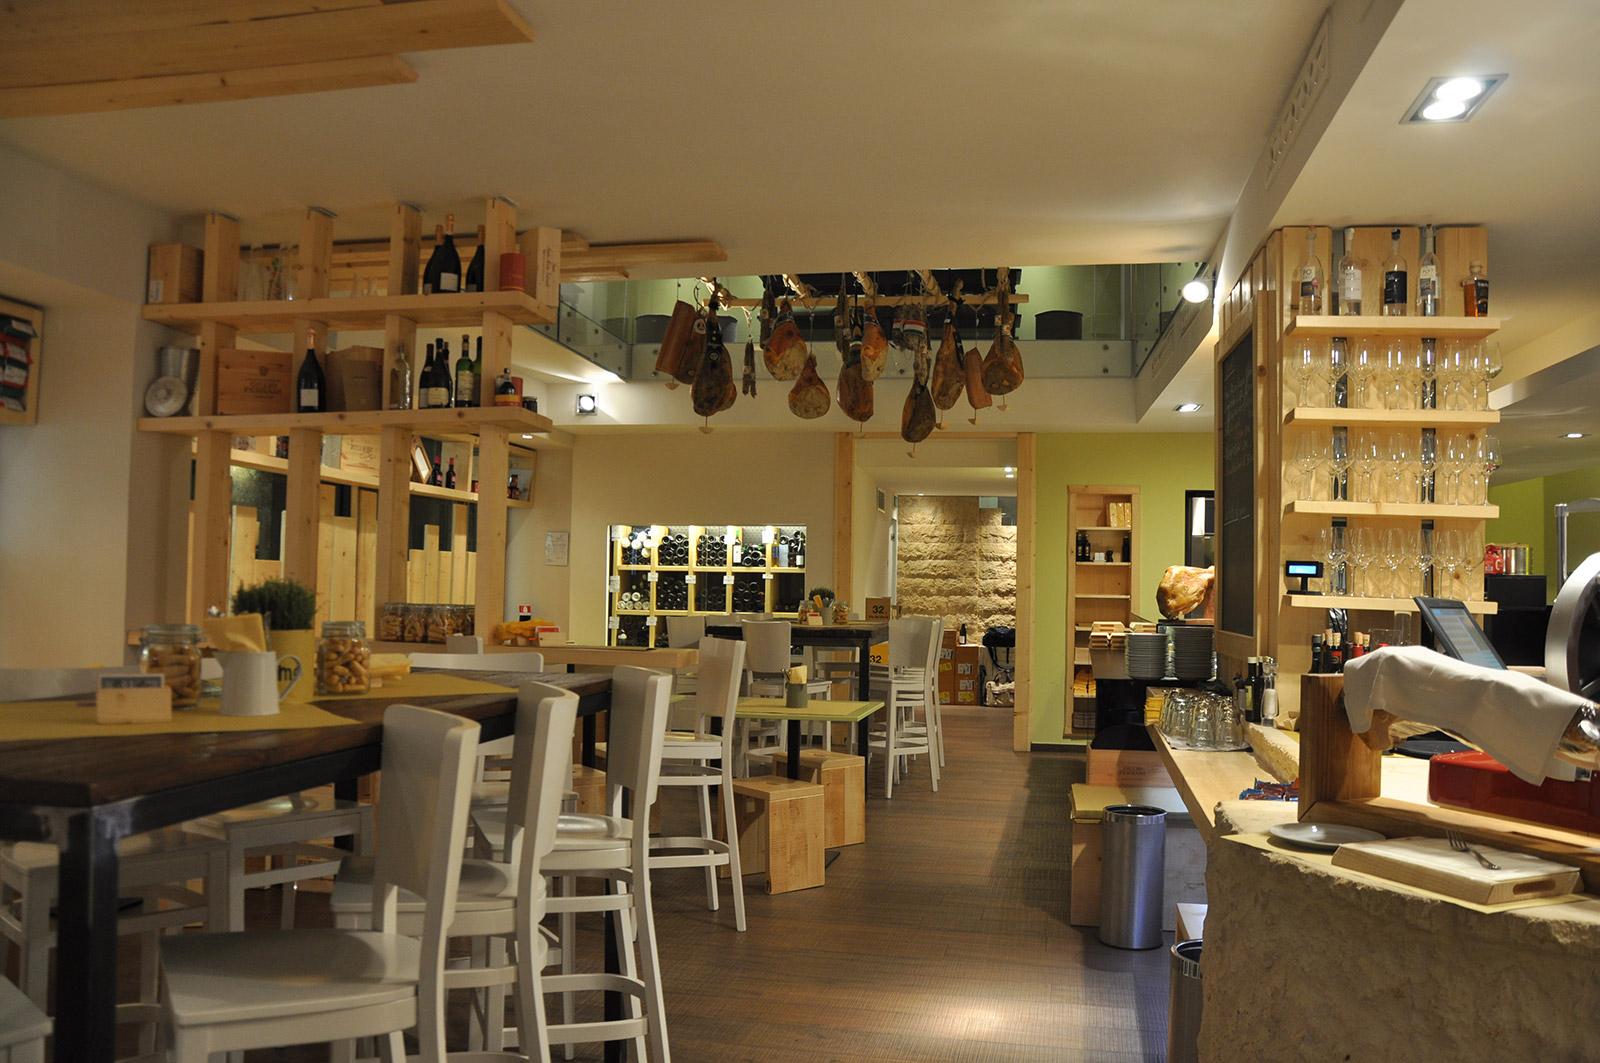 Arredamenti per enoteche trattorie ristoranti e alberghi for Arredamenti per locali commerciali